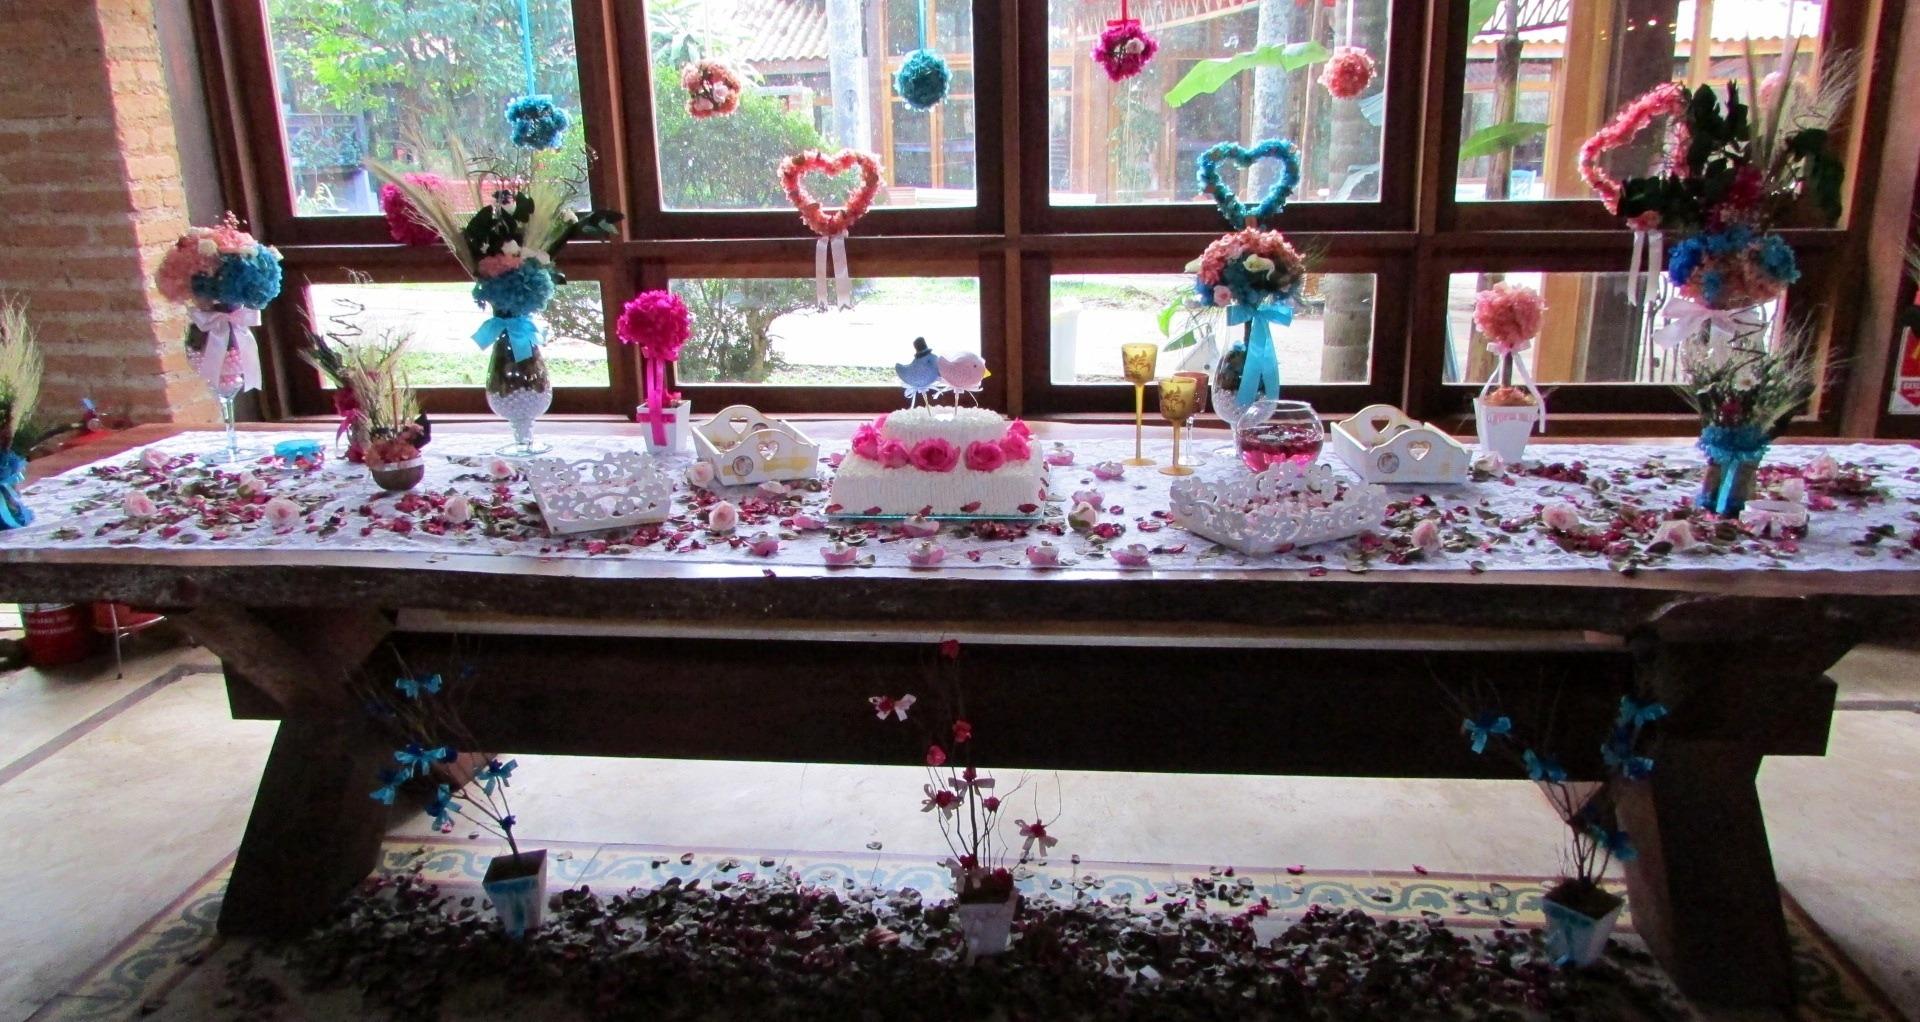 kit decoracao casamento:kit mesa de bolo noiva completa i kit mesa de bolo noiva completa i